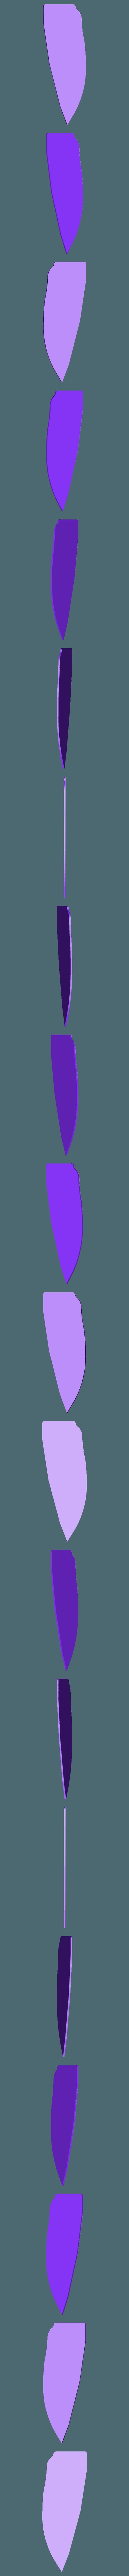 NozStijakovicDeksel.stl Télécharger fichier STL gratuit Gaine de base pour un couteau sur mesure (couteau inclus) • Design à imprimer en 3D, Milan_Gajic